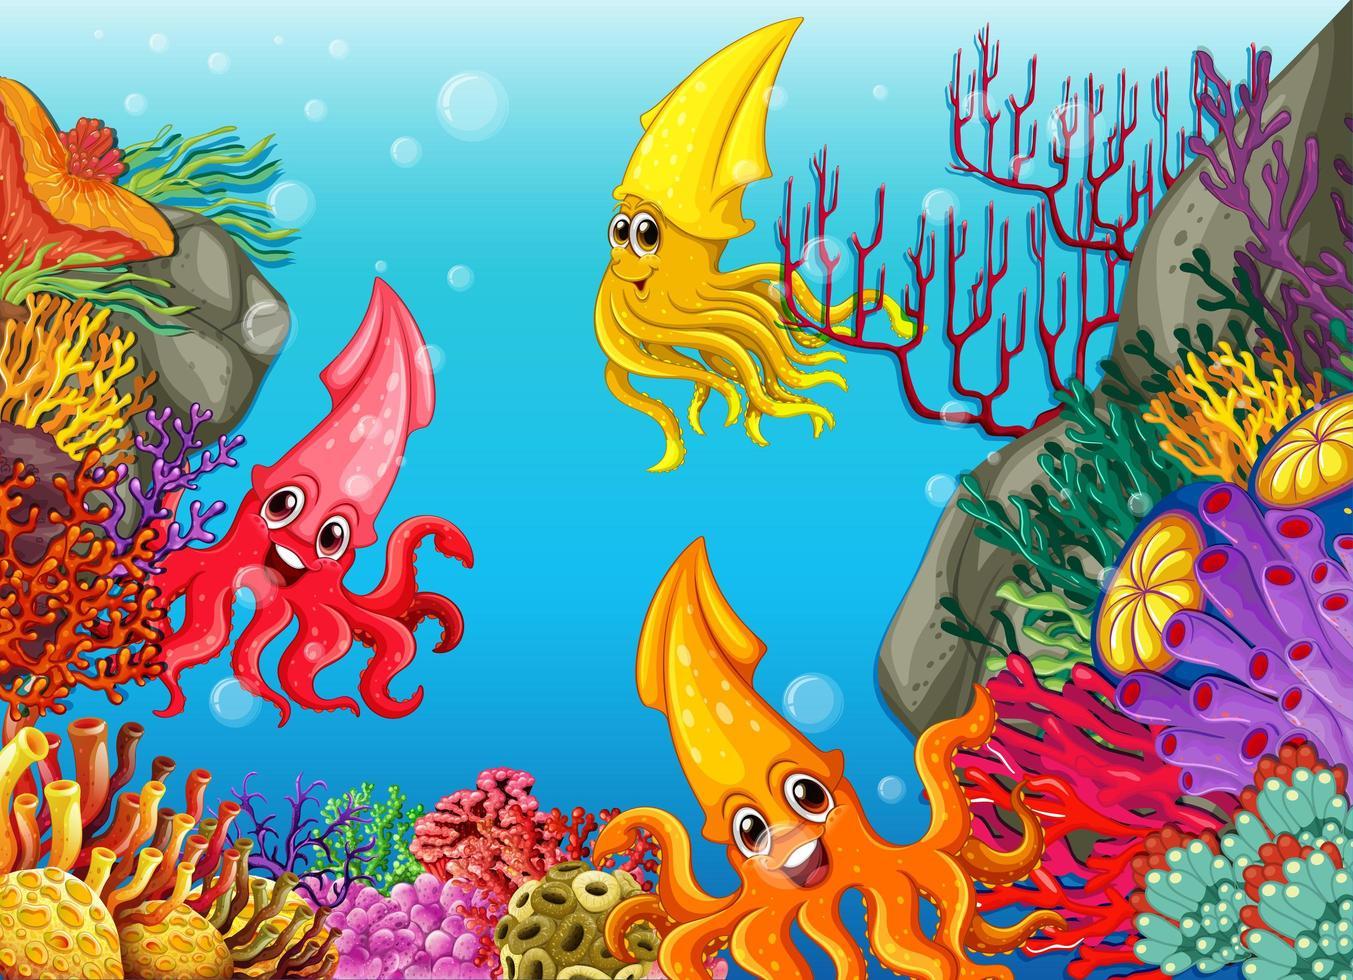 många olika bläckfisk seriefigurer i undervattensbakgrunden vektor